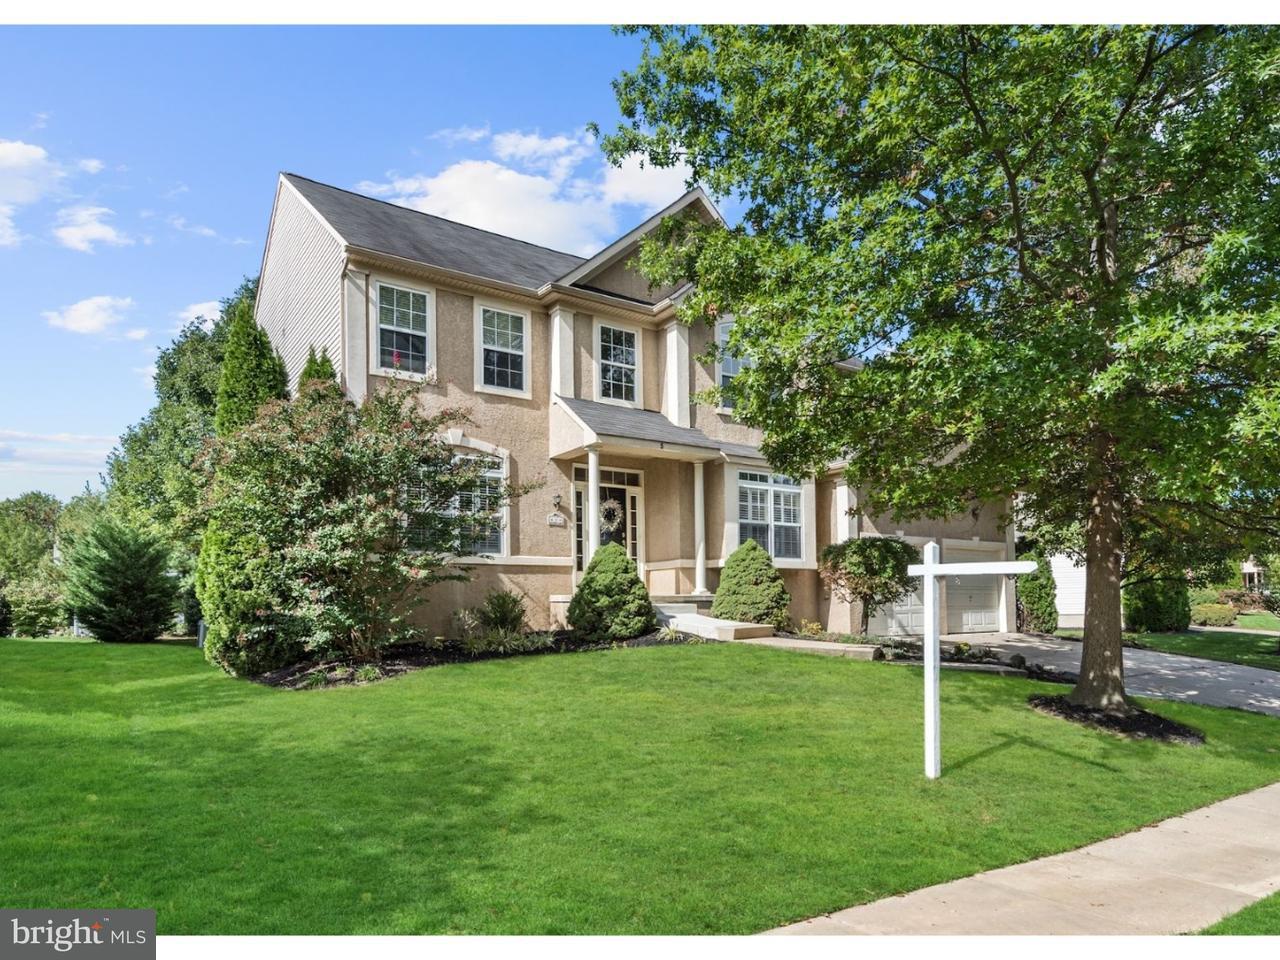 Tek Ailelik Ev için Satış at 5 ASCOT Drive Cinnaminson Township, New Jersey 08077 Amerika Birleşik Devletleri